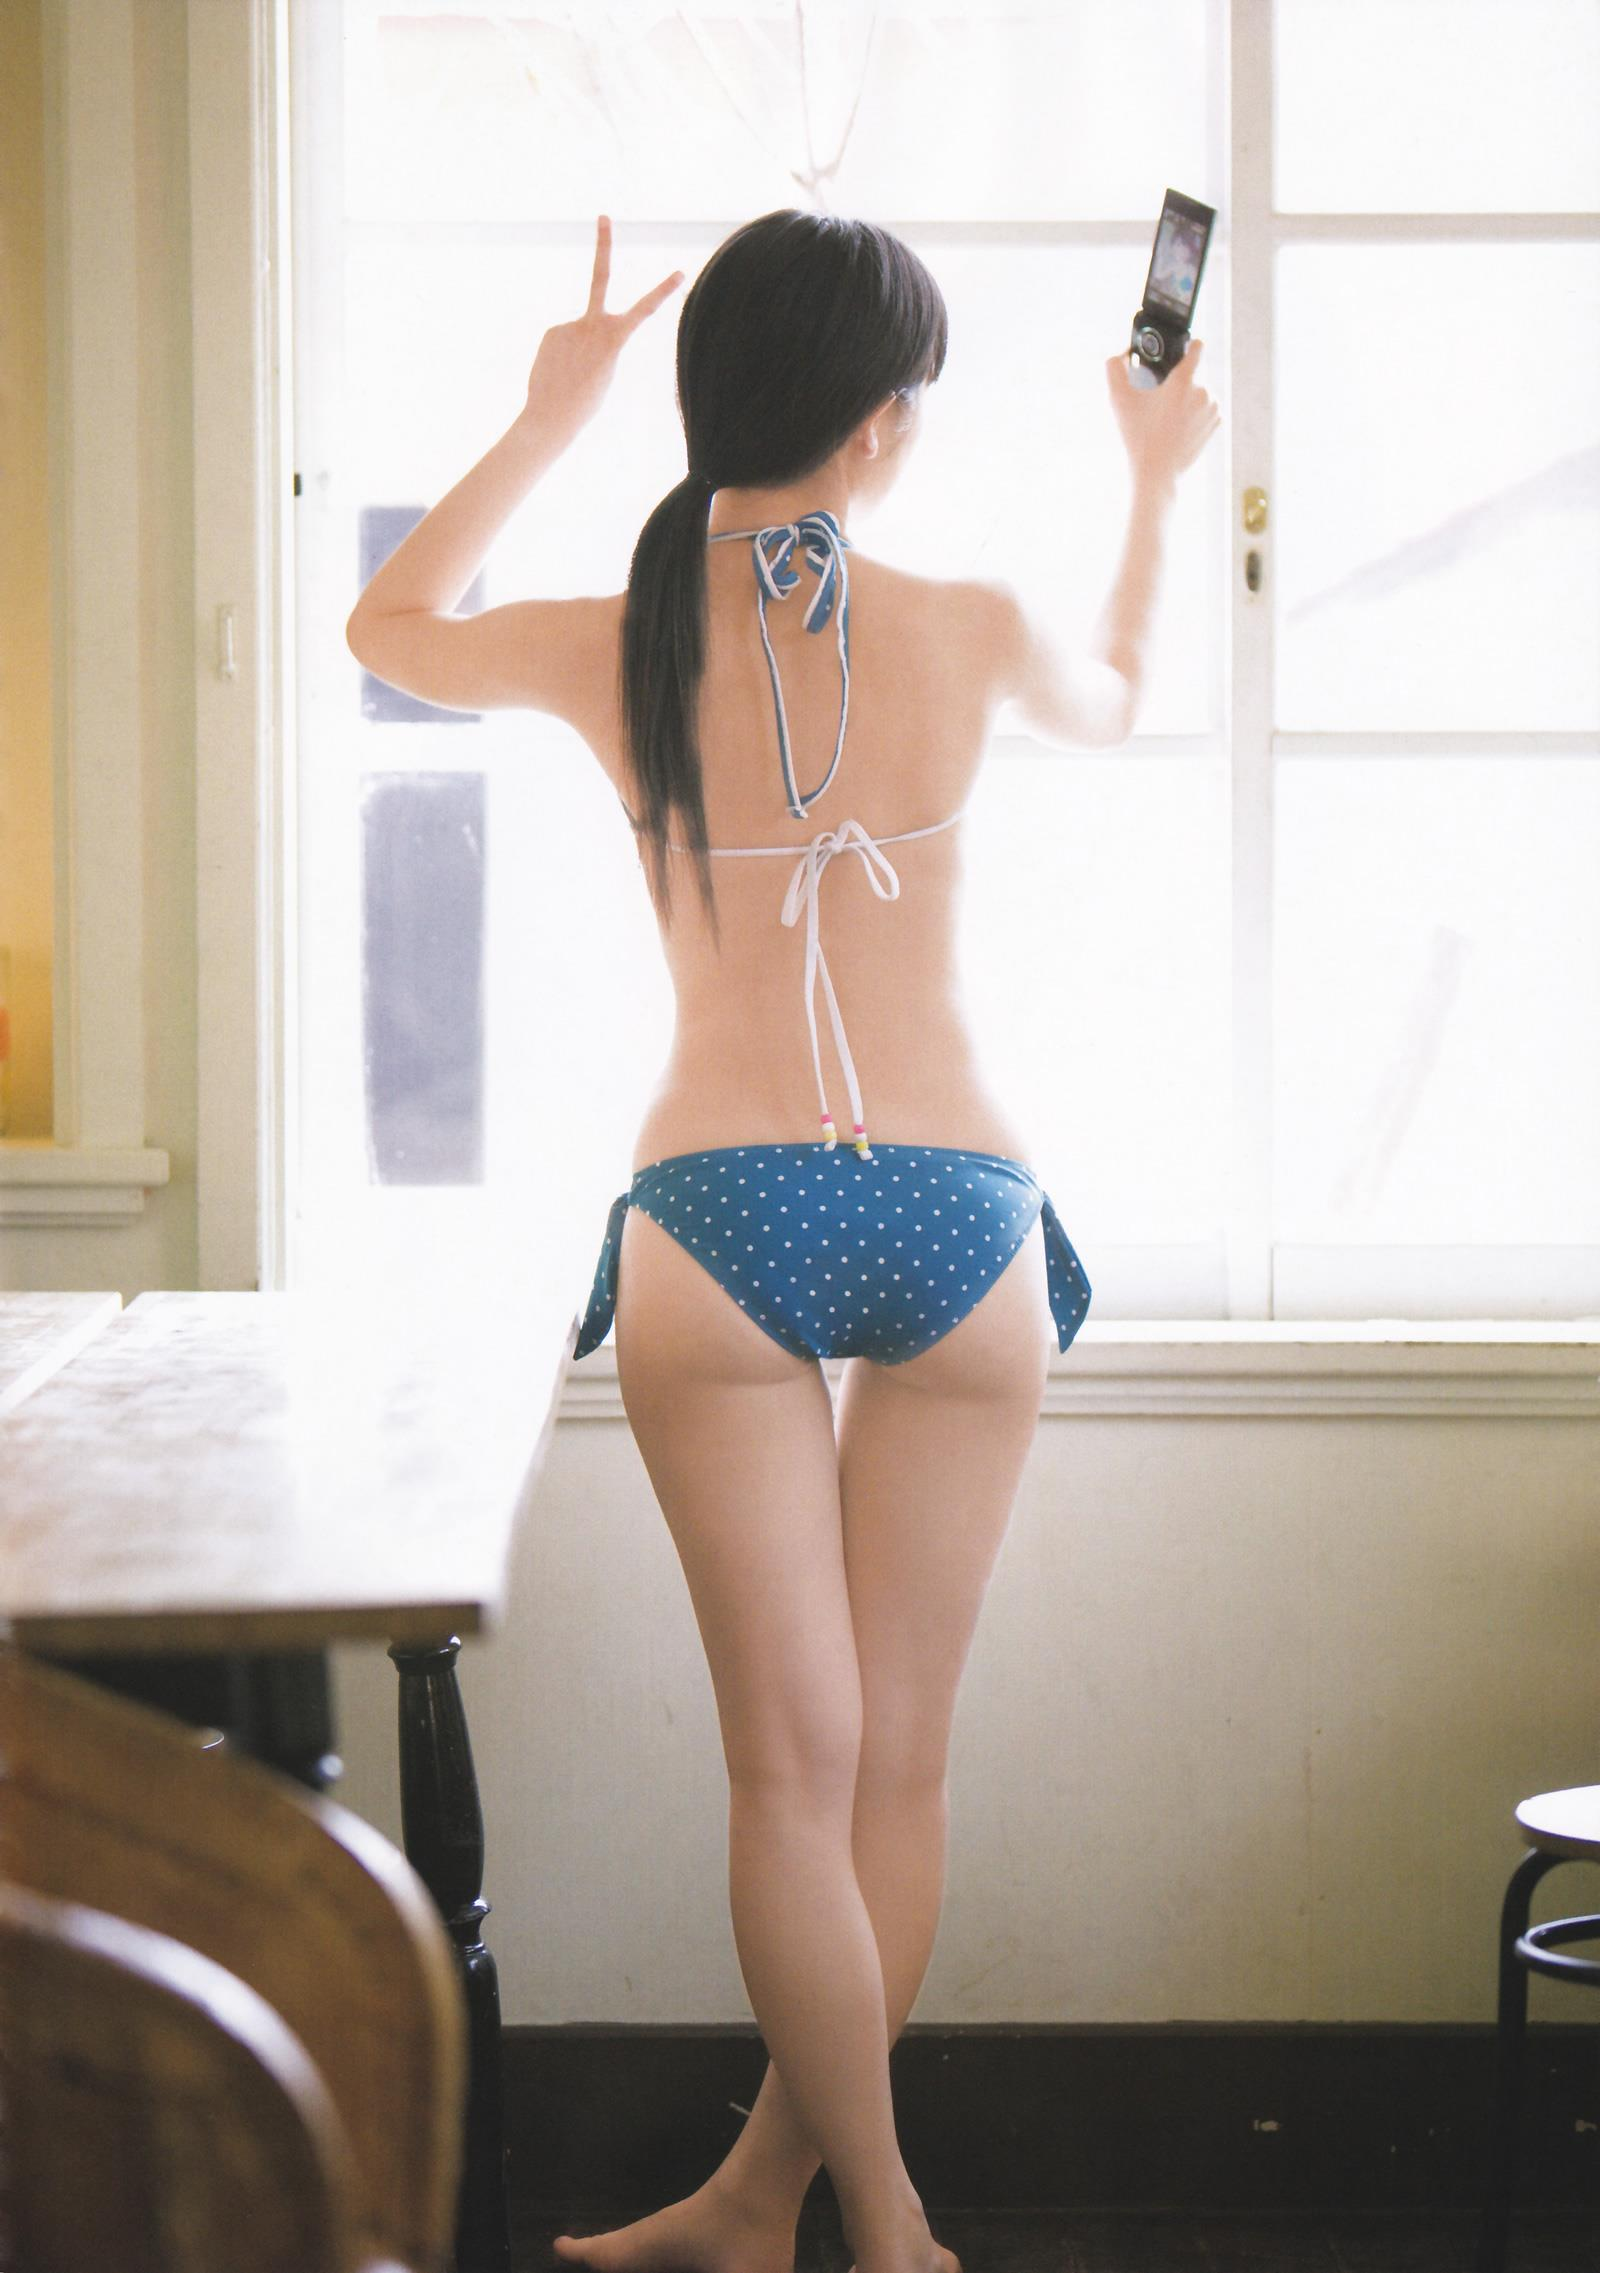 渡辺麻友 写真集「まゆゆ」 画像 48